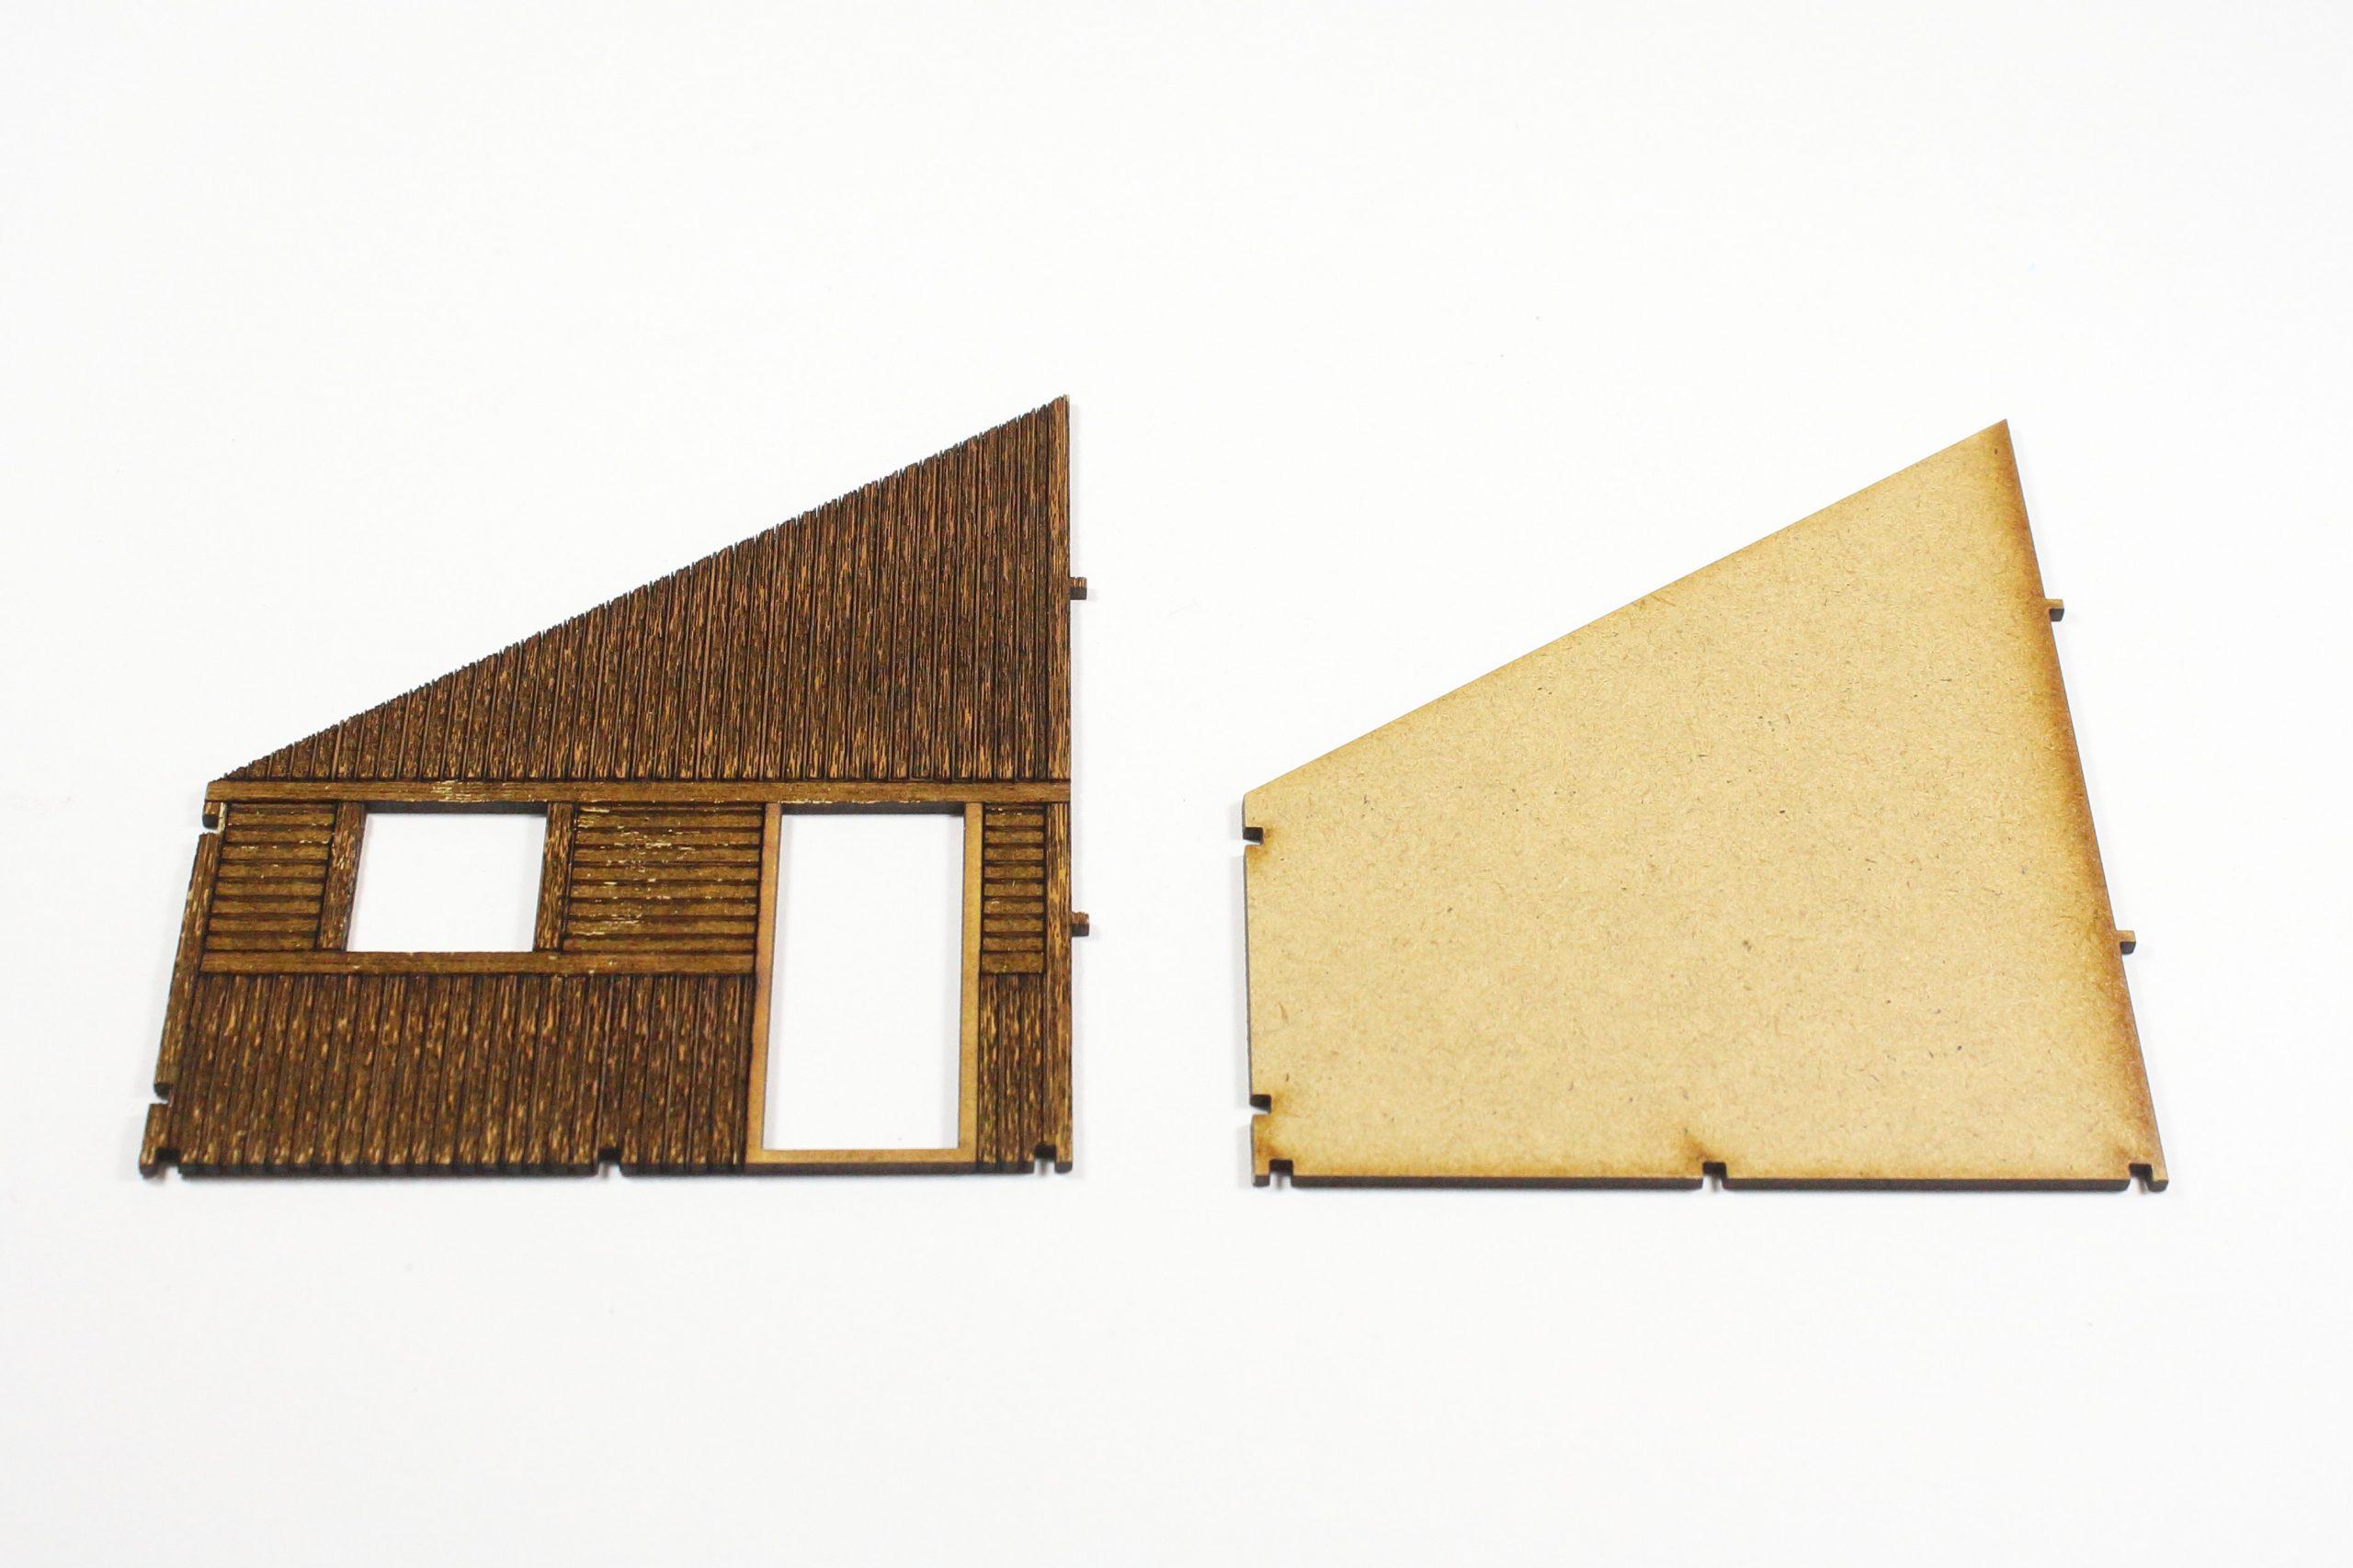 Schuppen-1-scaled Fachwerkhaus mit Holzschuppen - Lasercut Modellbaushop 1:35